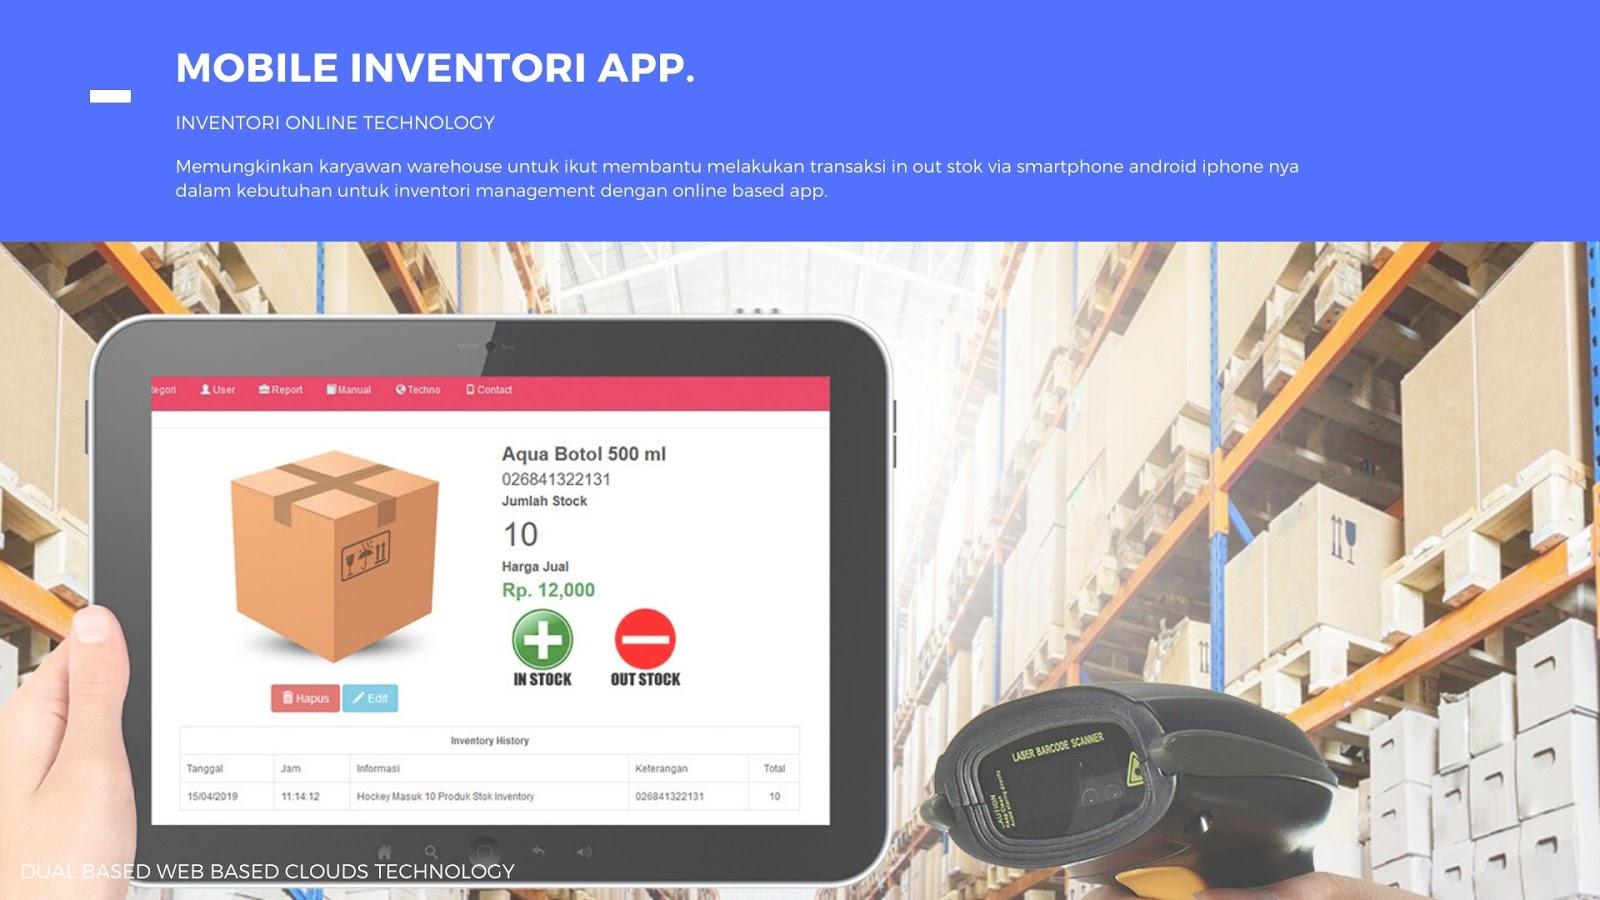 aplikasi, invoice, inventori, stok, pembukuan, software, program, mesin kasir, mesin kasir online, aplikasi invoice, aplikasi inventori